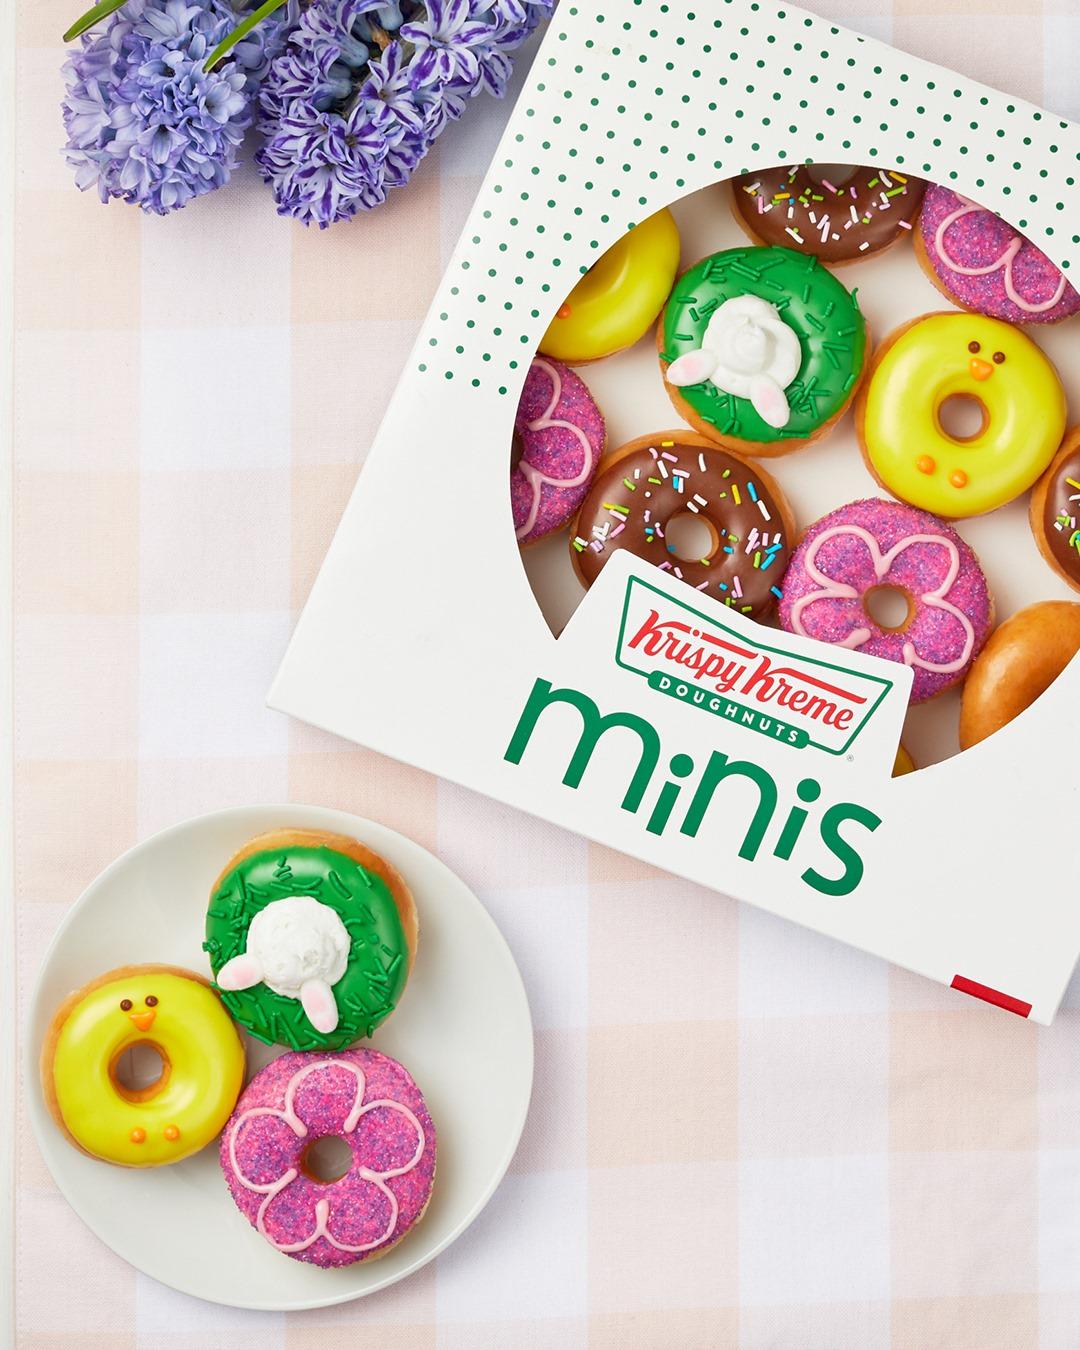 spring doughnut minis from Krispy Kreme